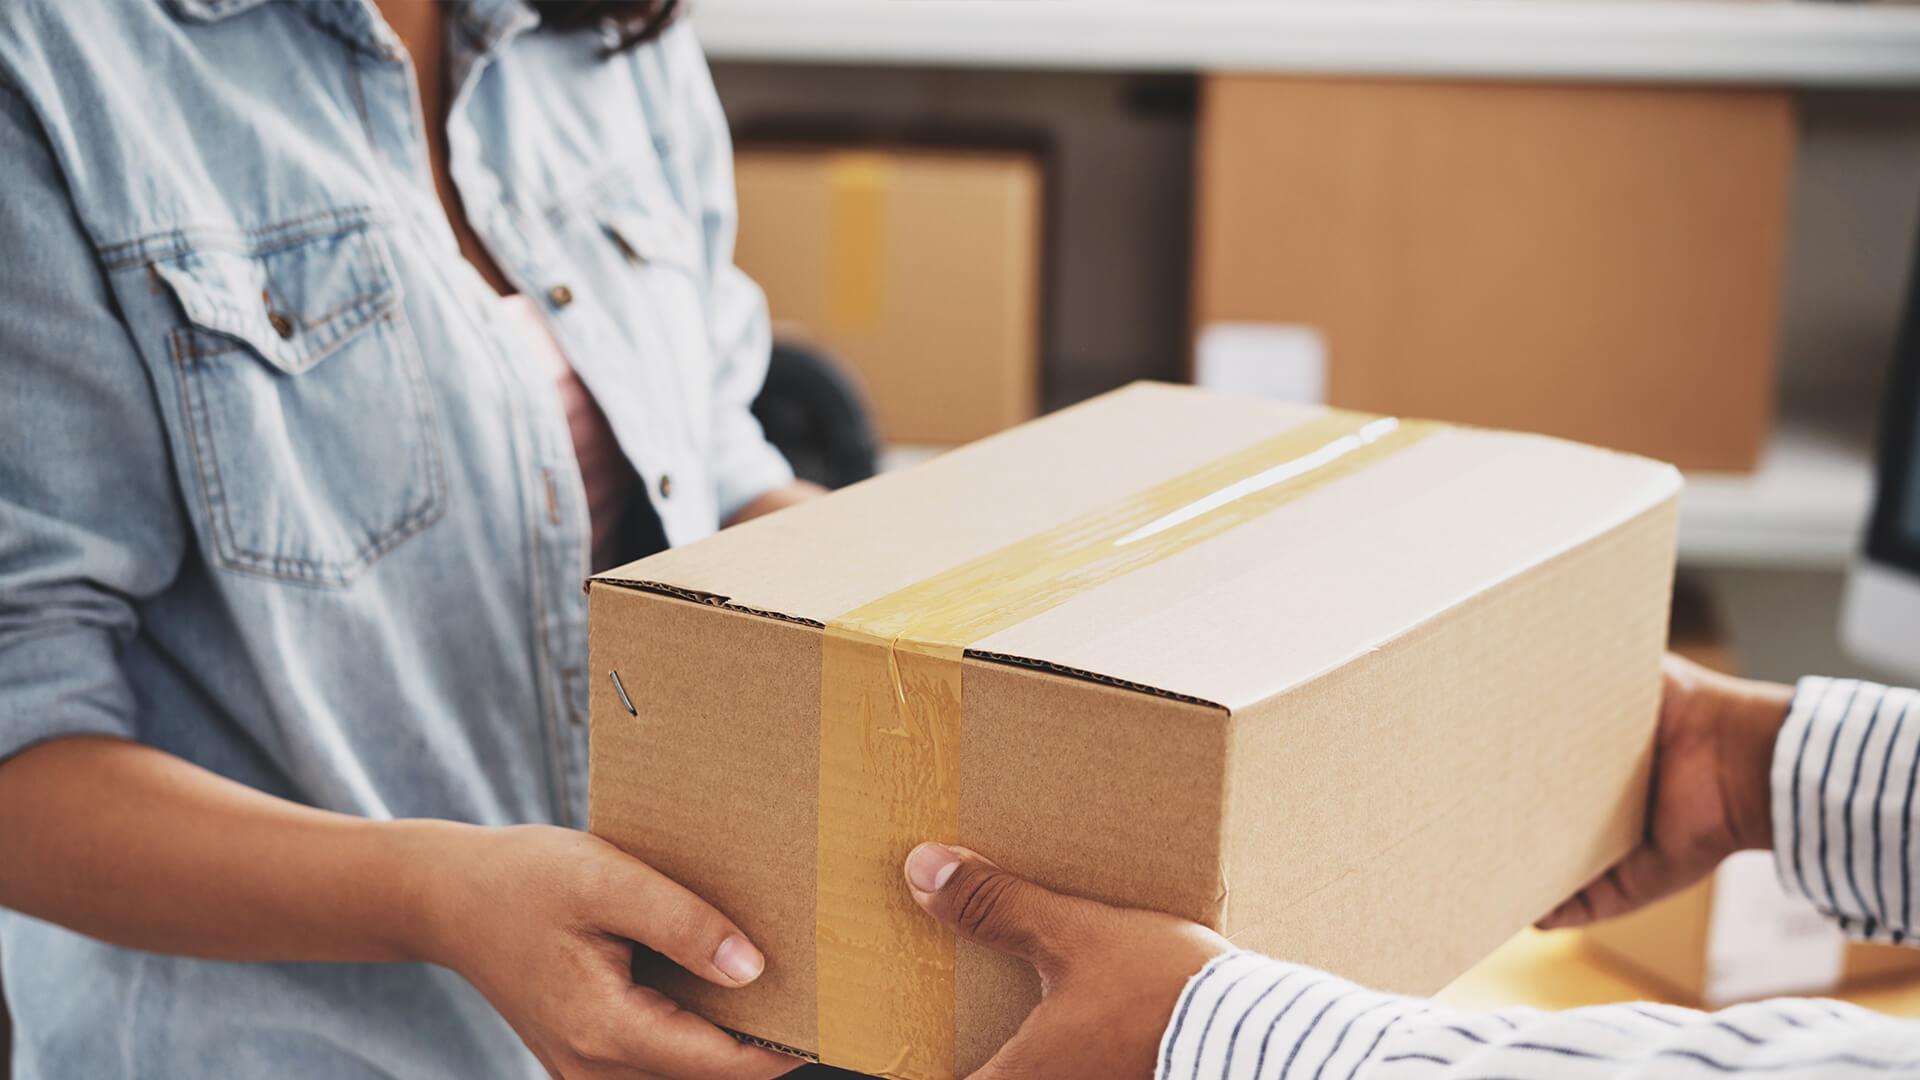 Paket in Zustellung, aber es kommt nicht